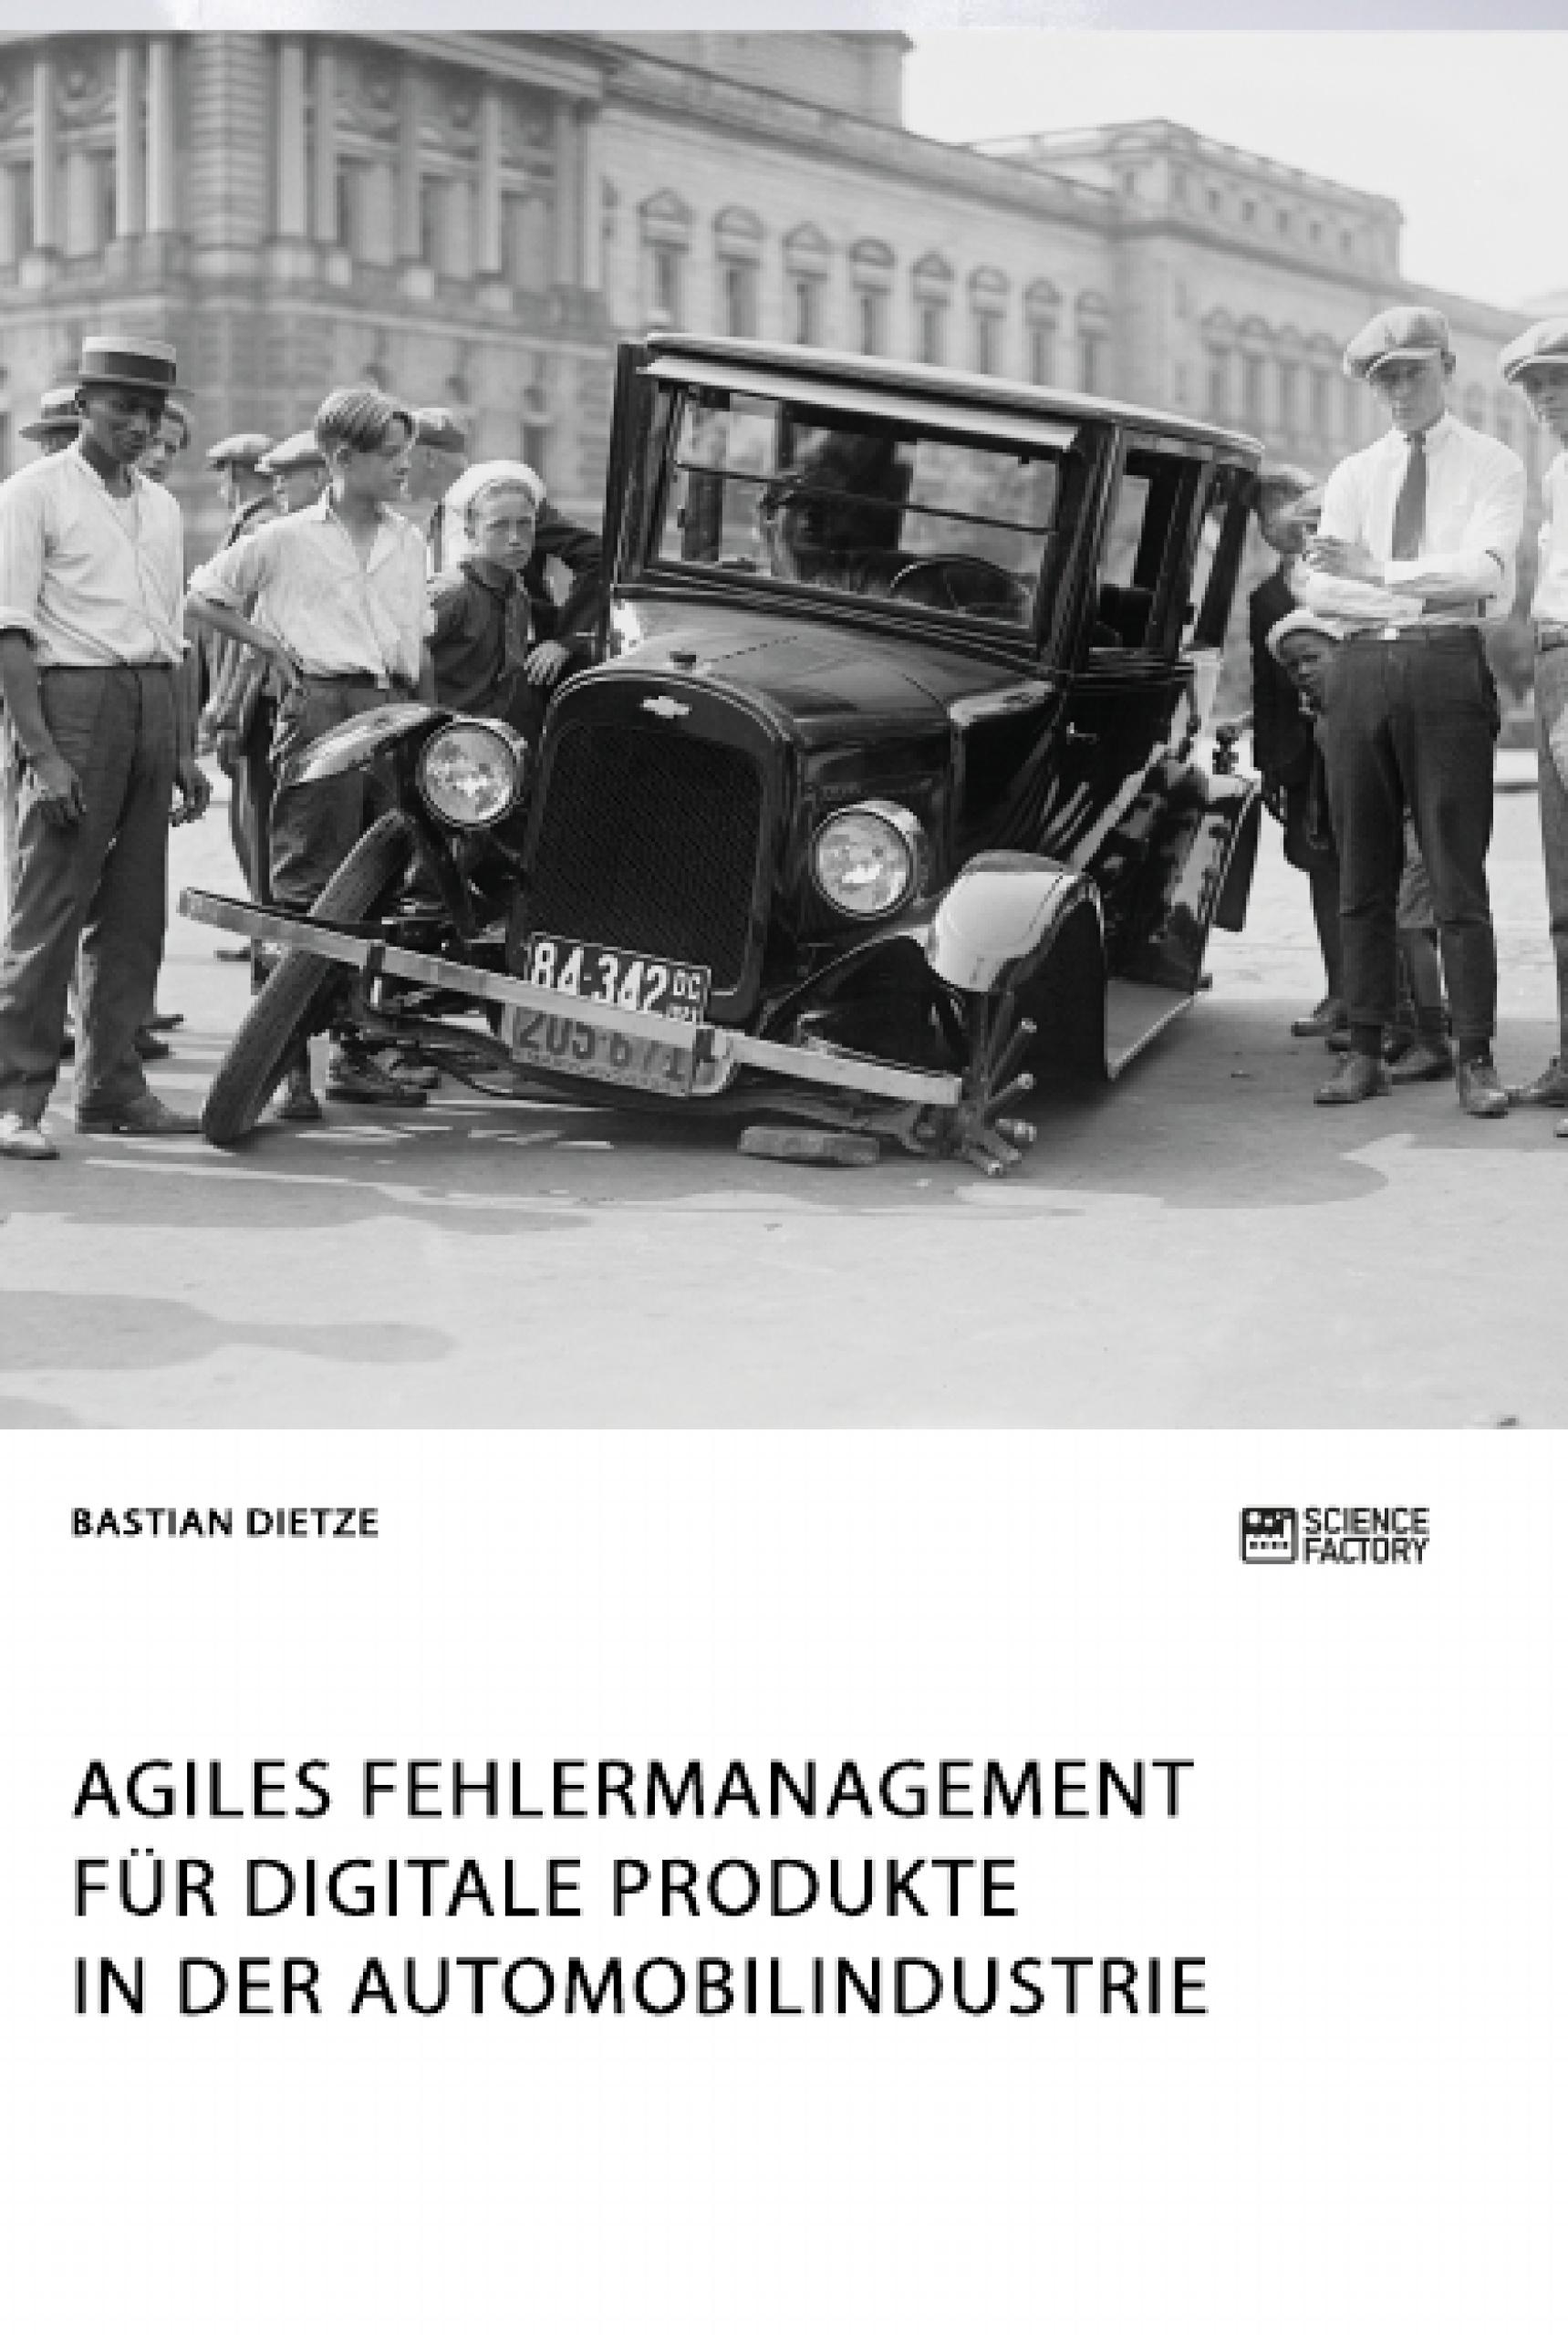 Titel: Agiles Fehlermanagement für digitale Produkte in der Automobilindustrie